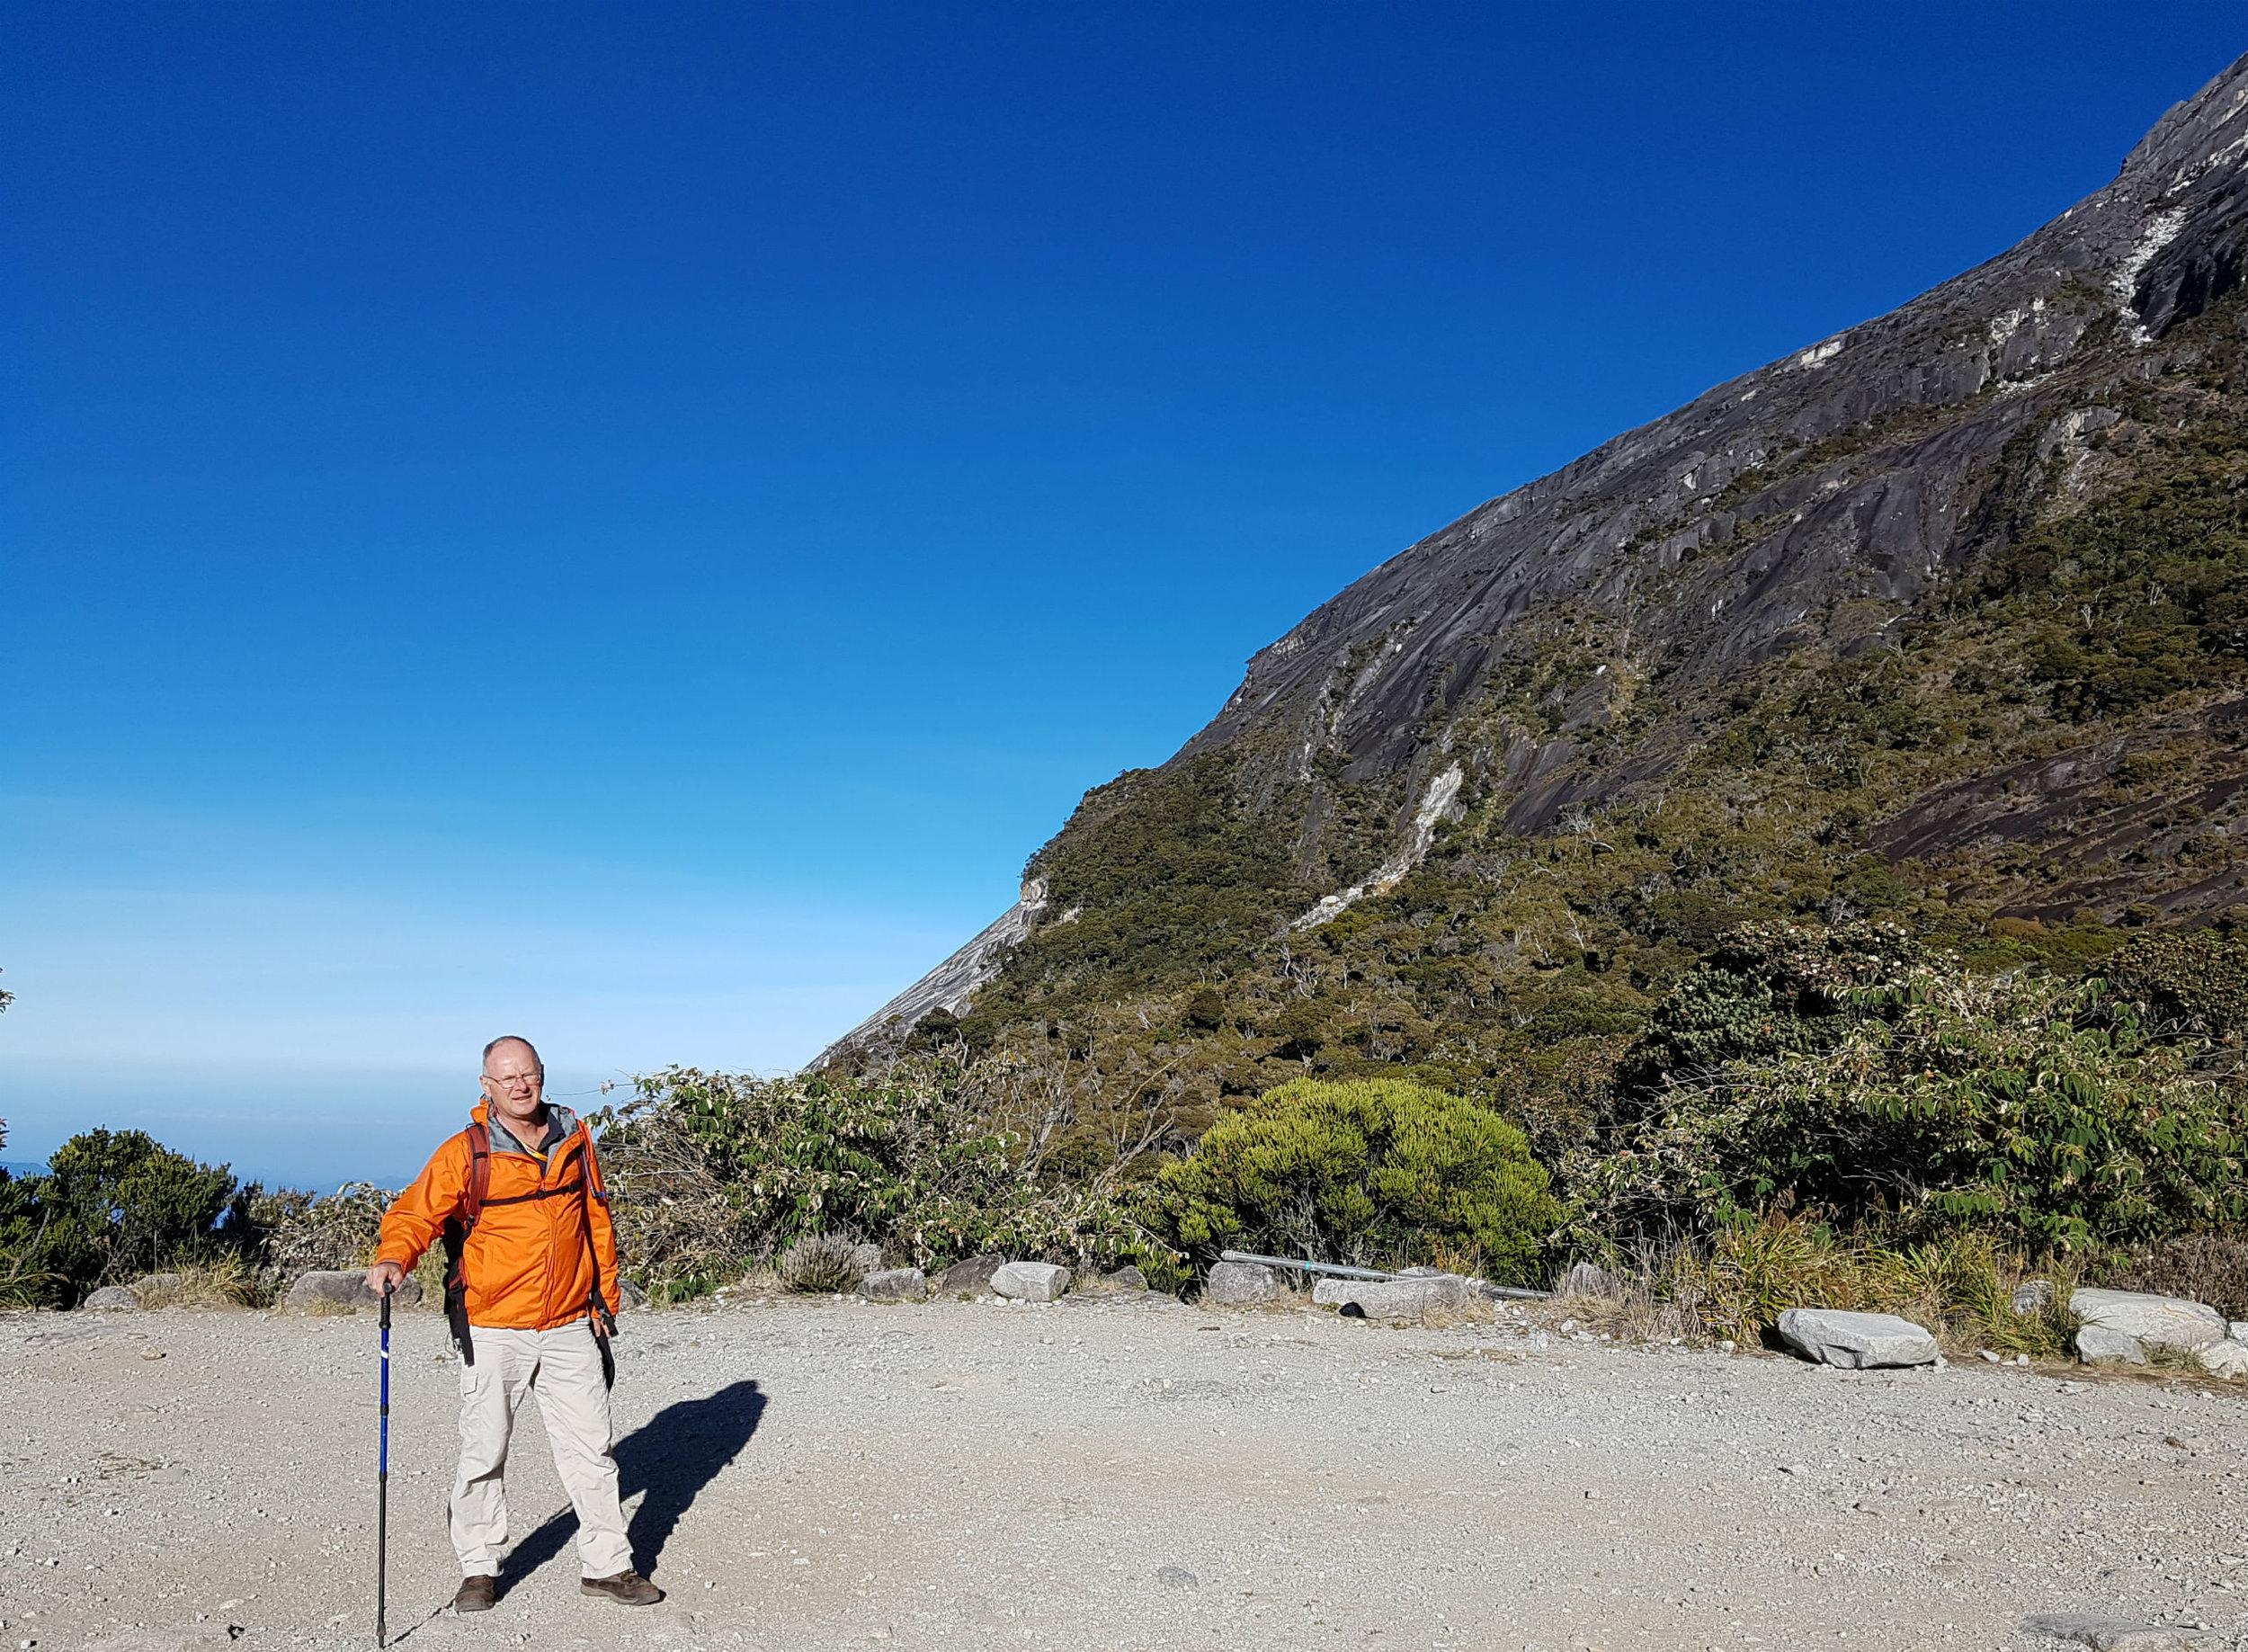 At 3250 meters the sky was dark blue.